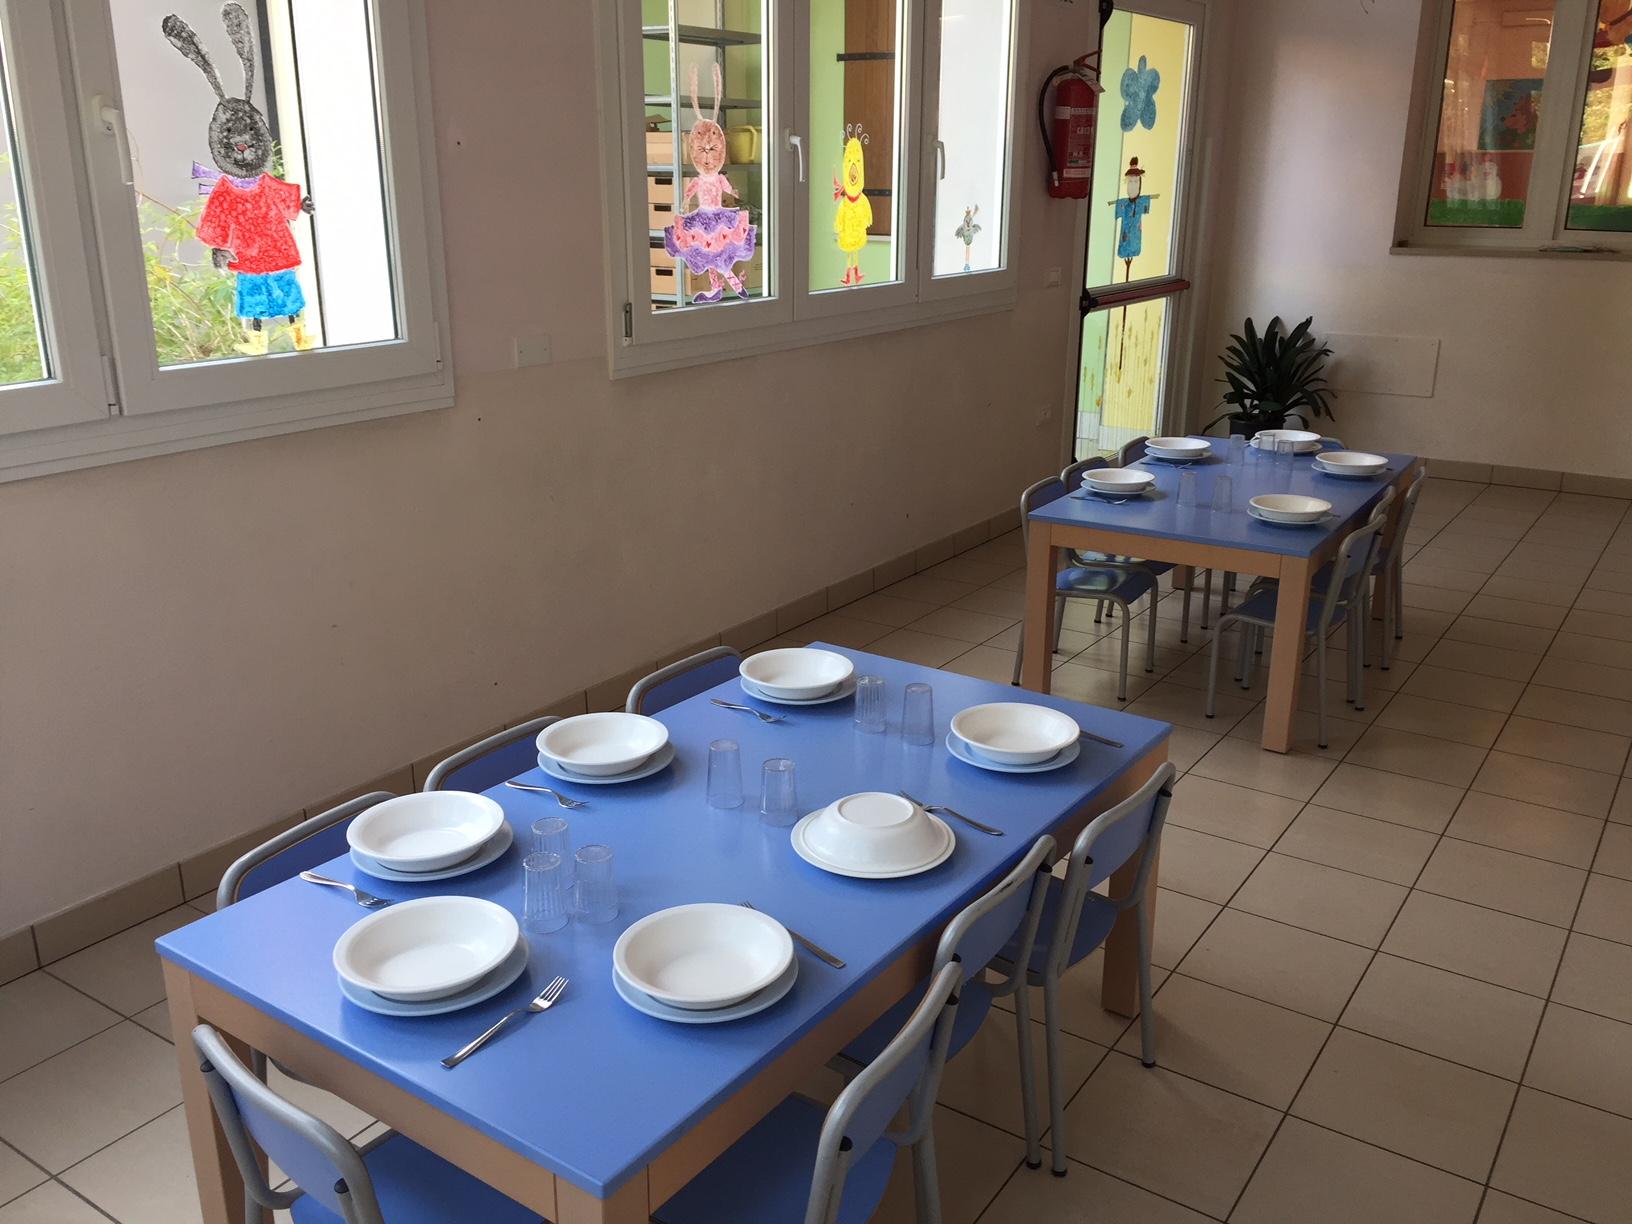 La mensa della Sezione Primavera Scuola dell'Infanzia Prospero Alpino di Marostica